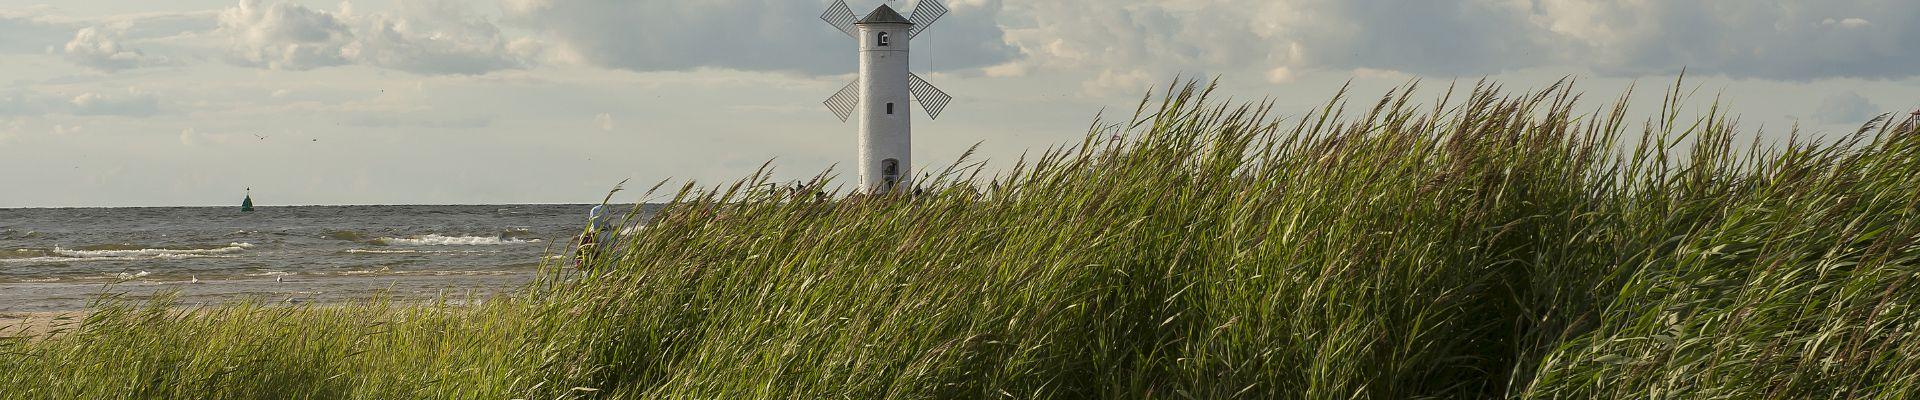 Ausflugsziele an der polnischen Ostsee